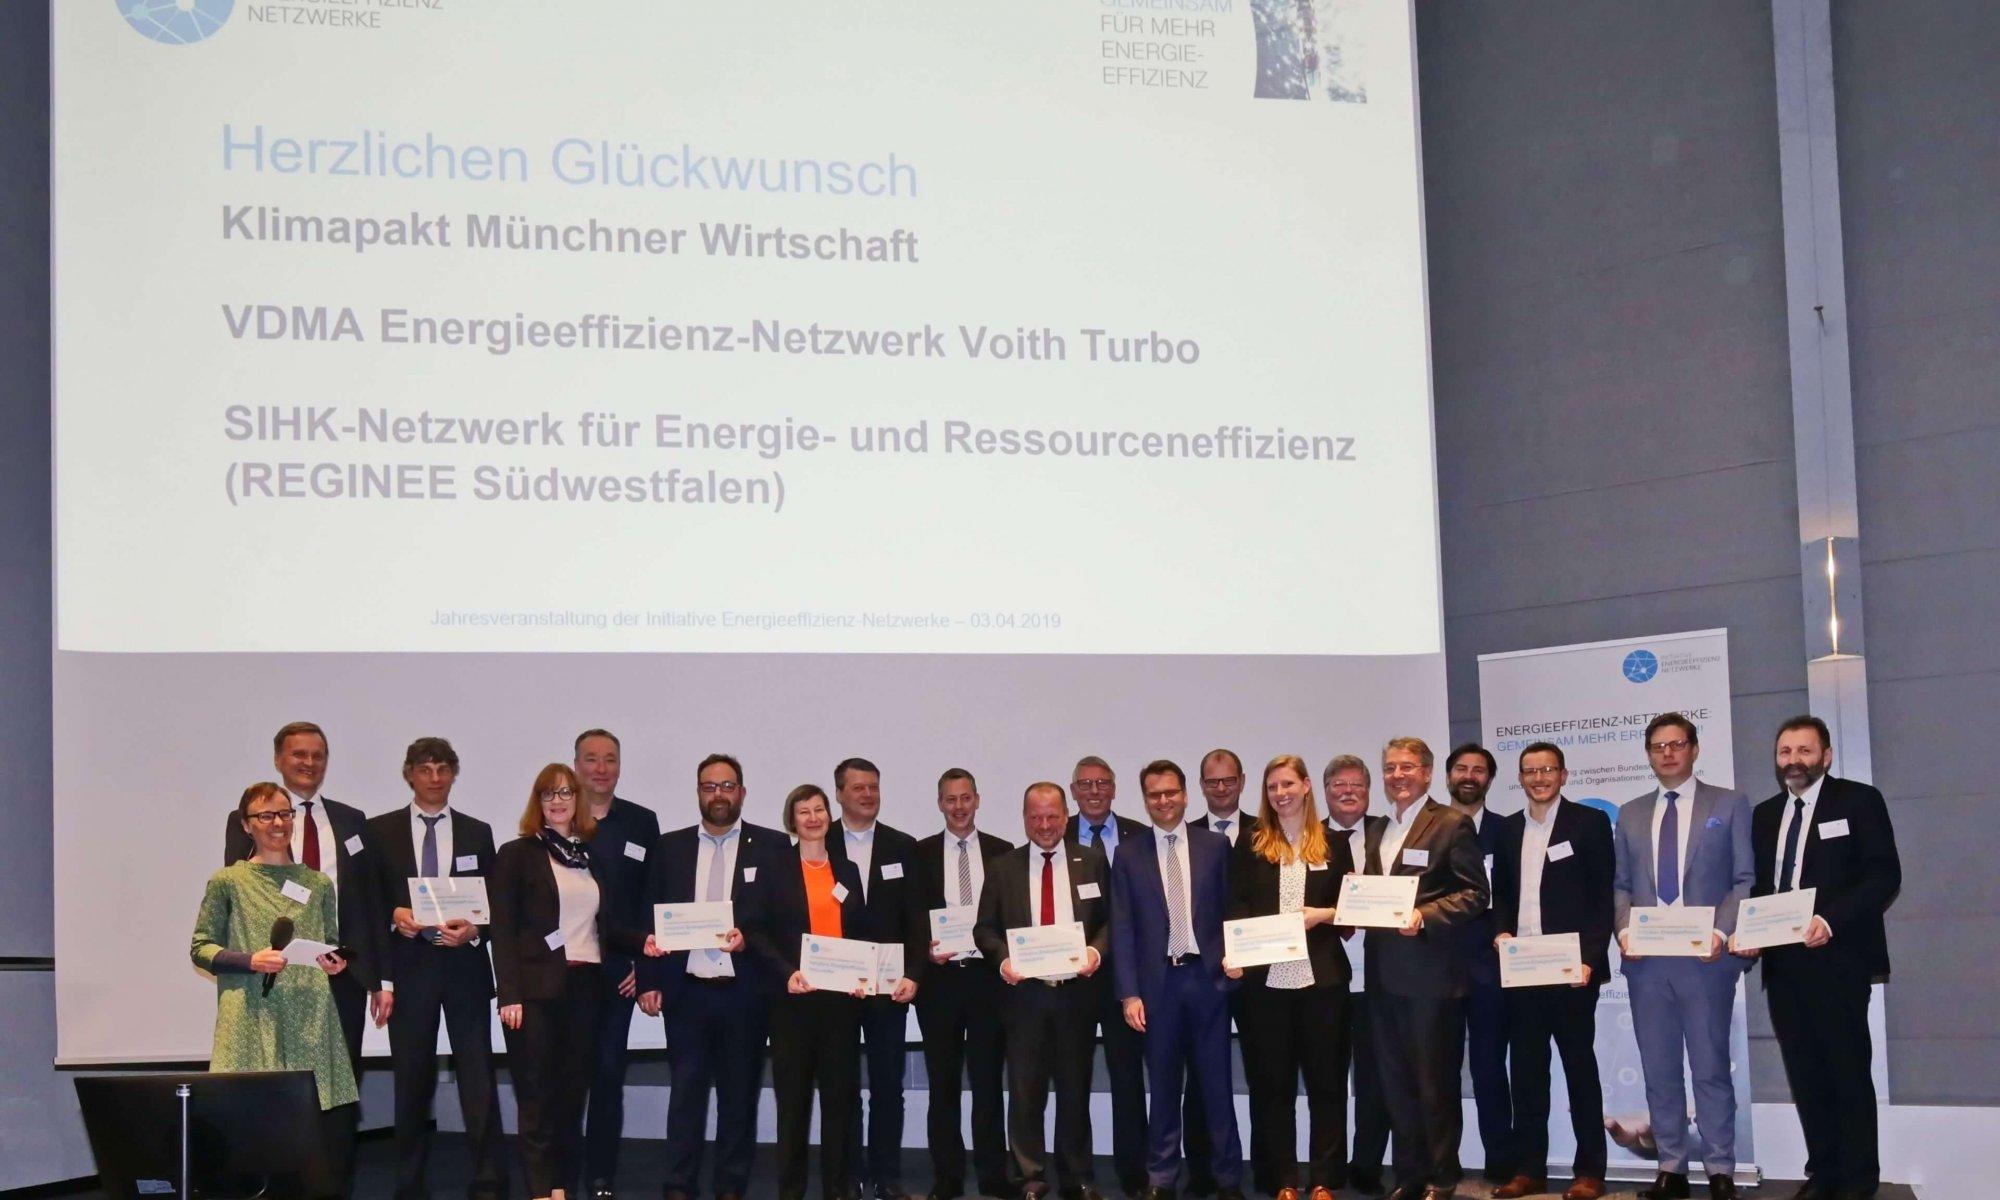 Erfolgreichste Energieeffizienz-Netzwerke 2018